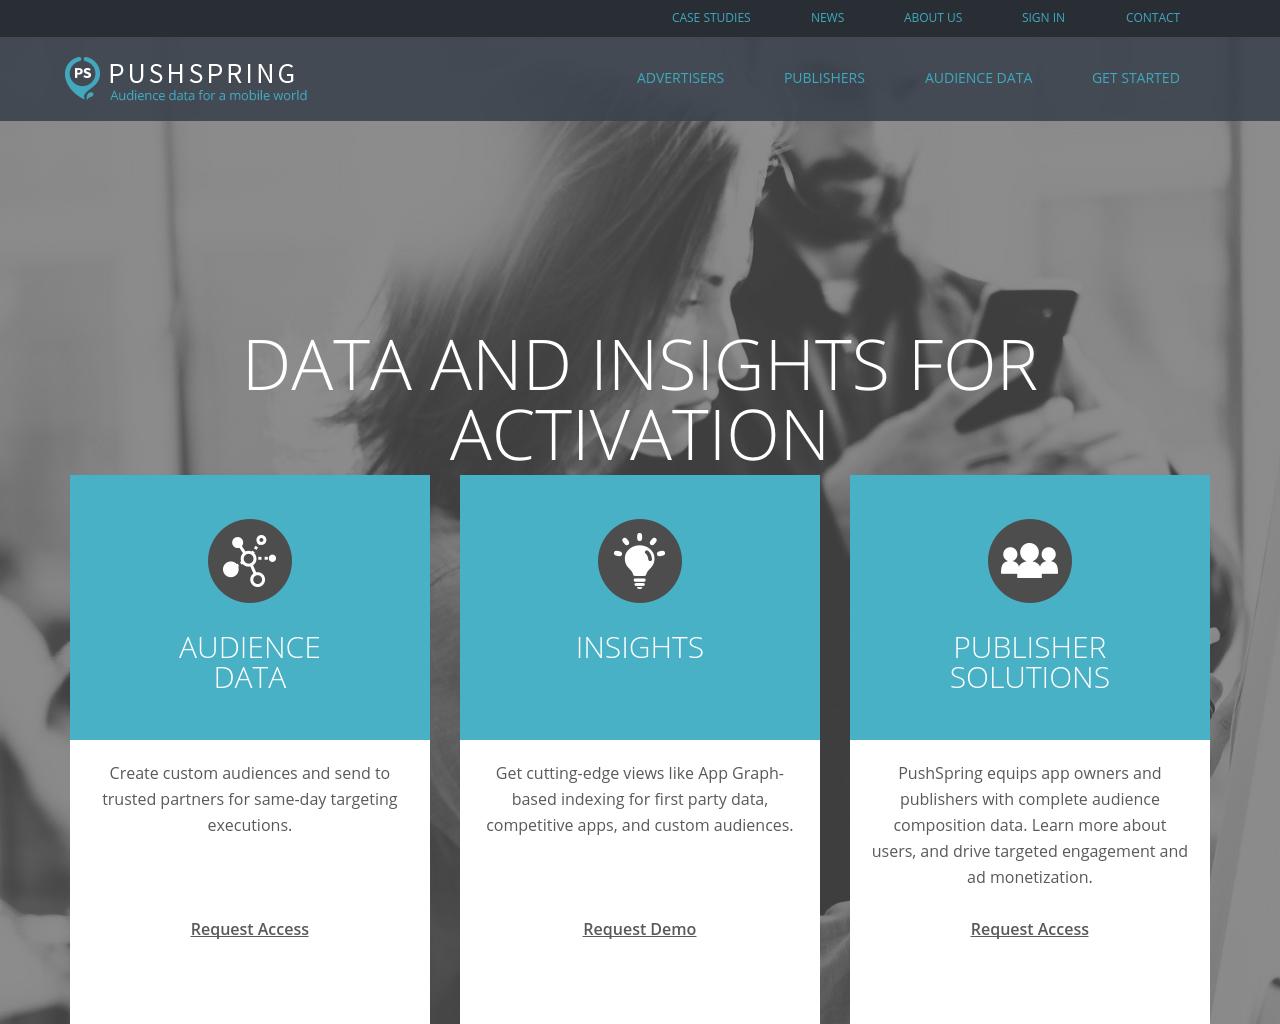 PushSpring-Advertising-Reviews-Pricing